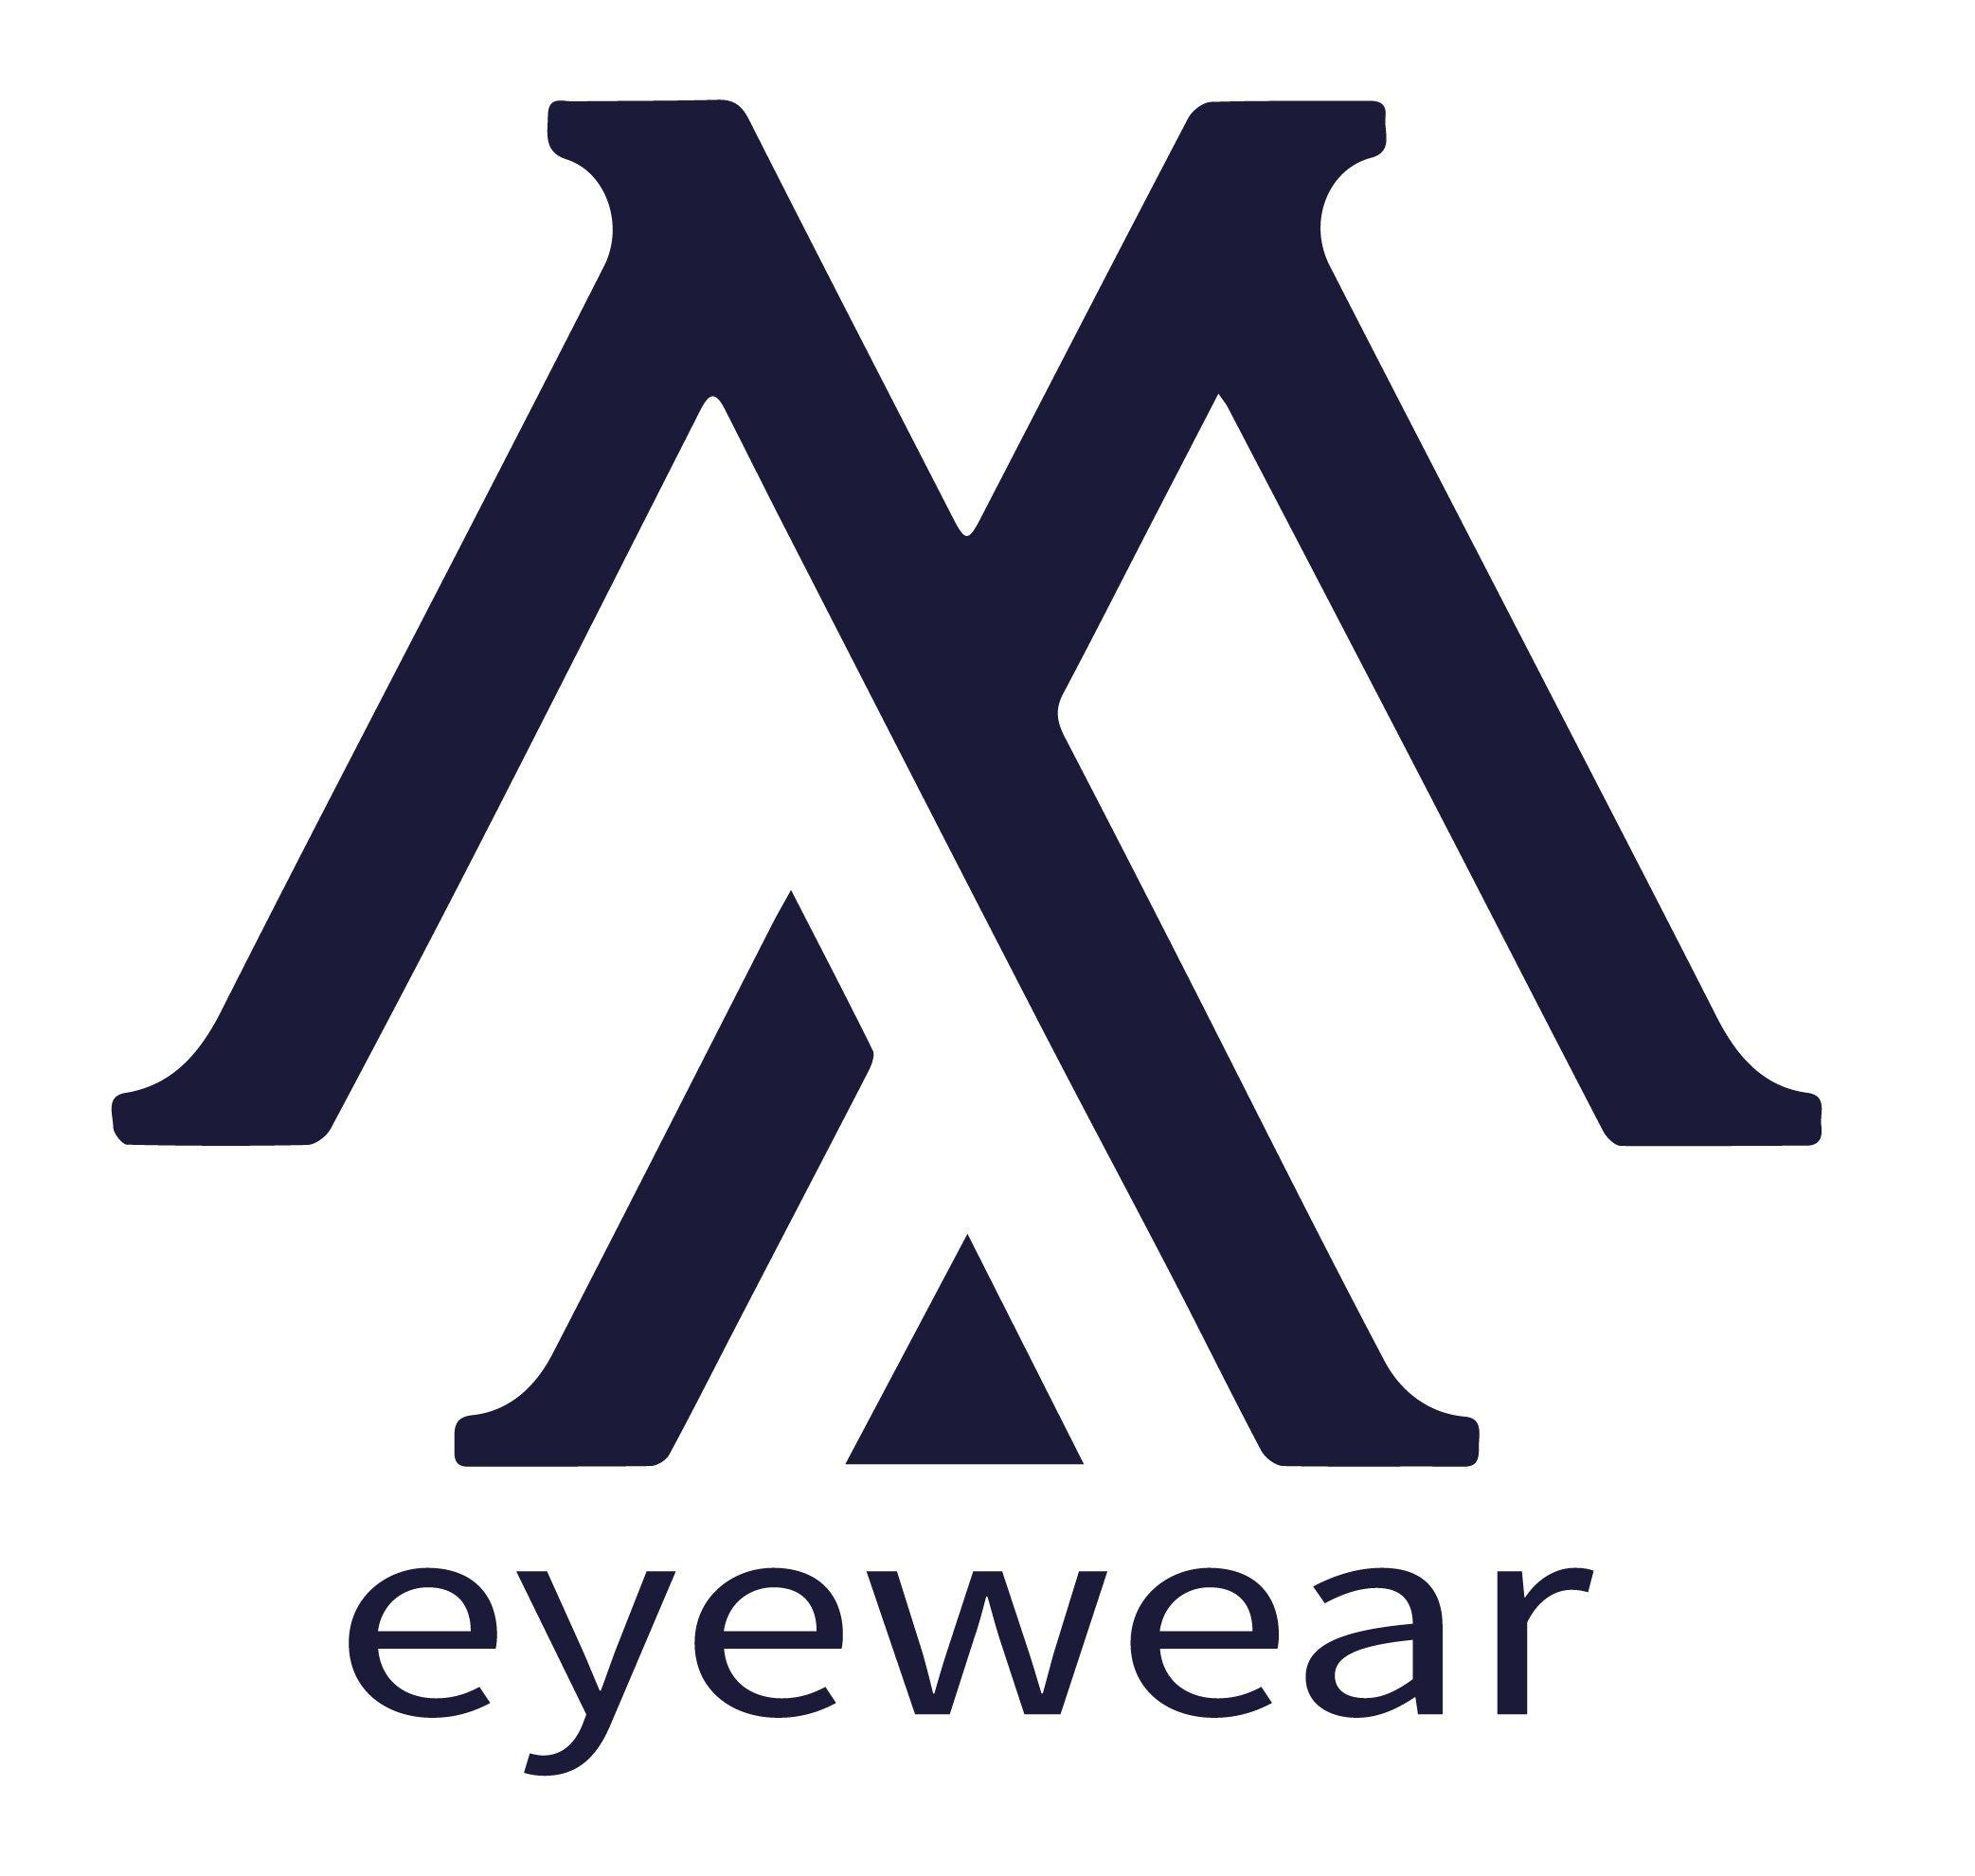 MA eyewear logo